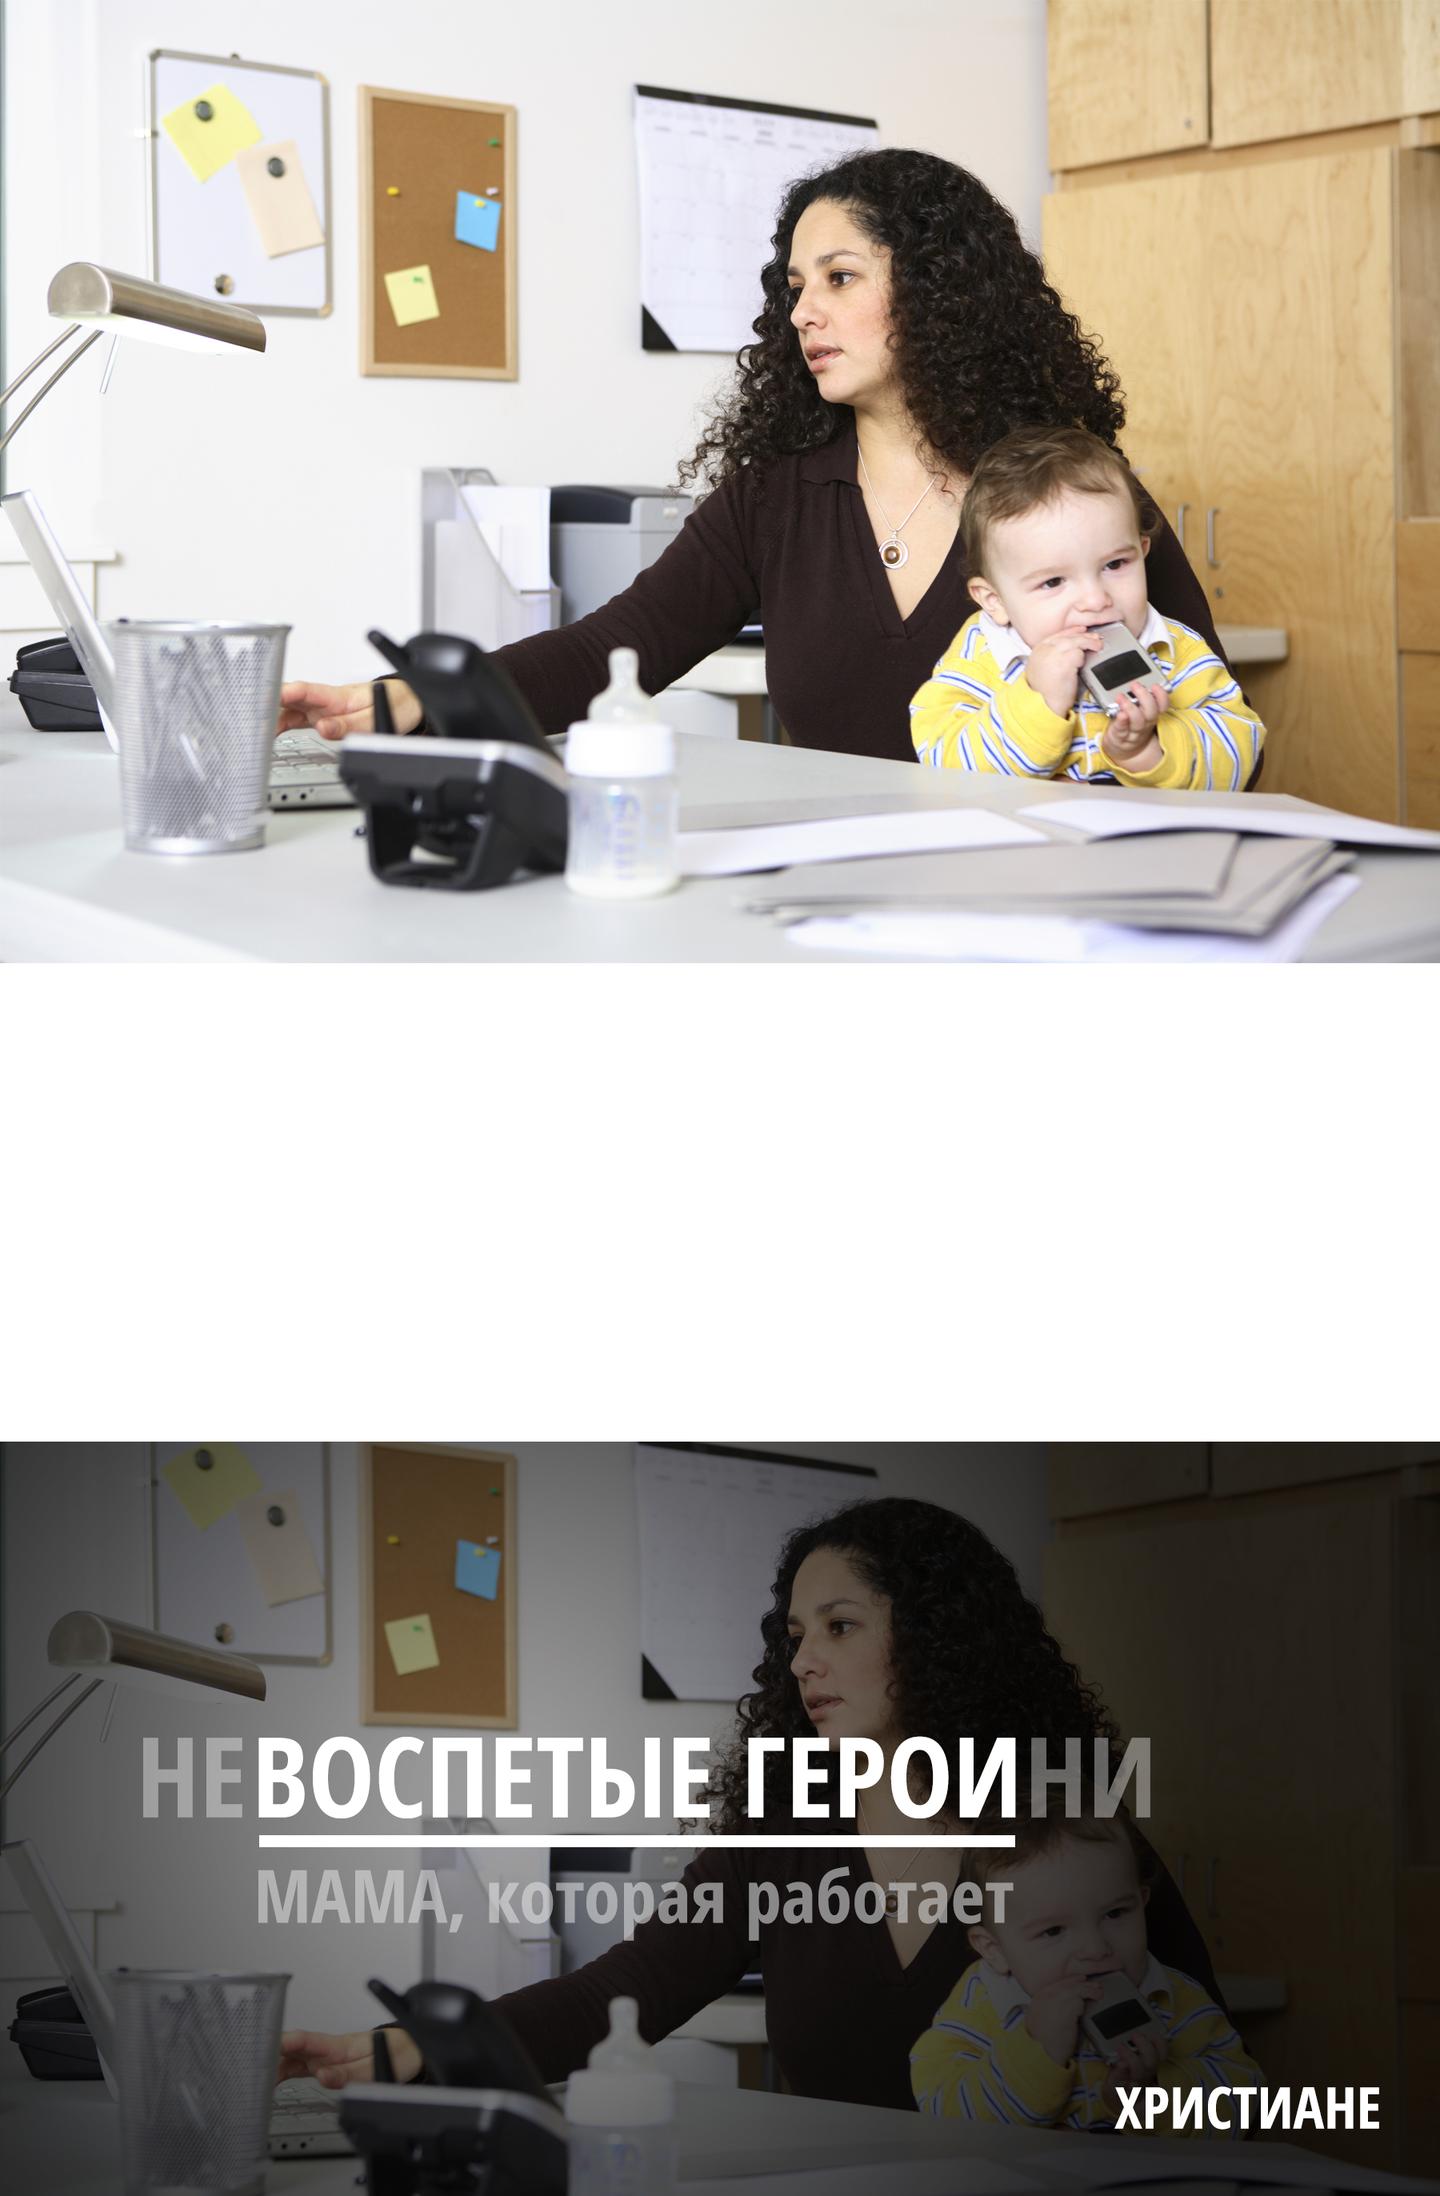 Невоспетые героини: воздадим должное работающим мамам